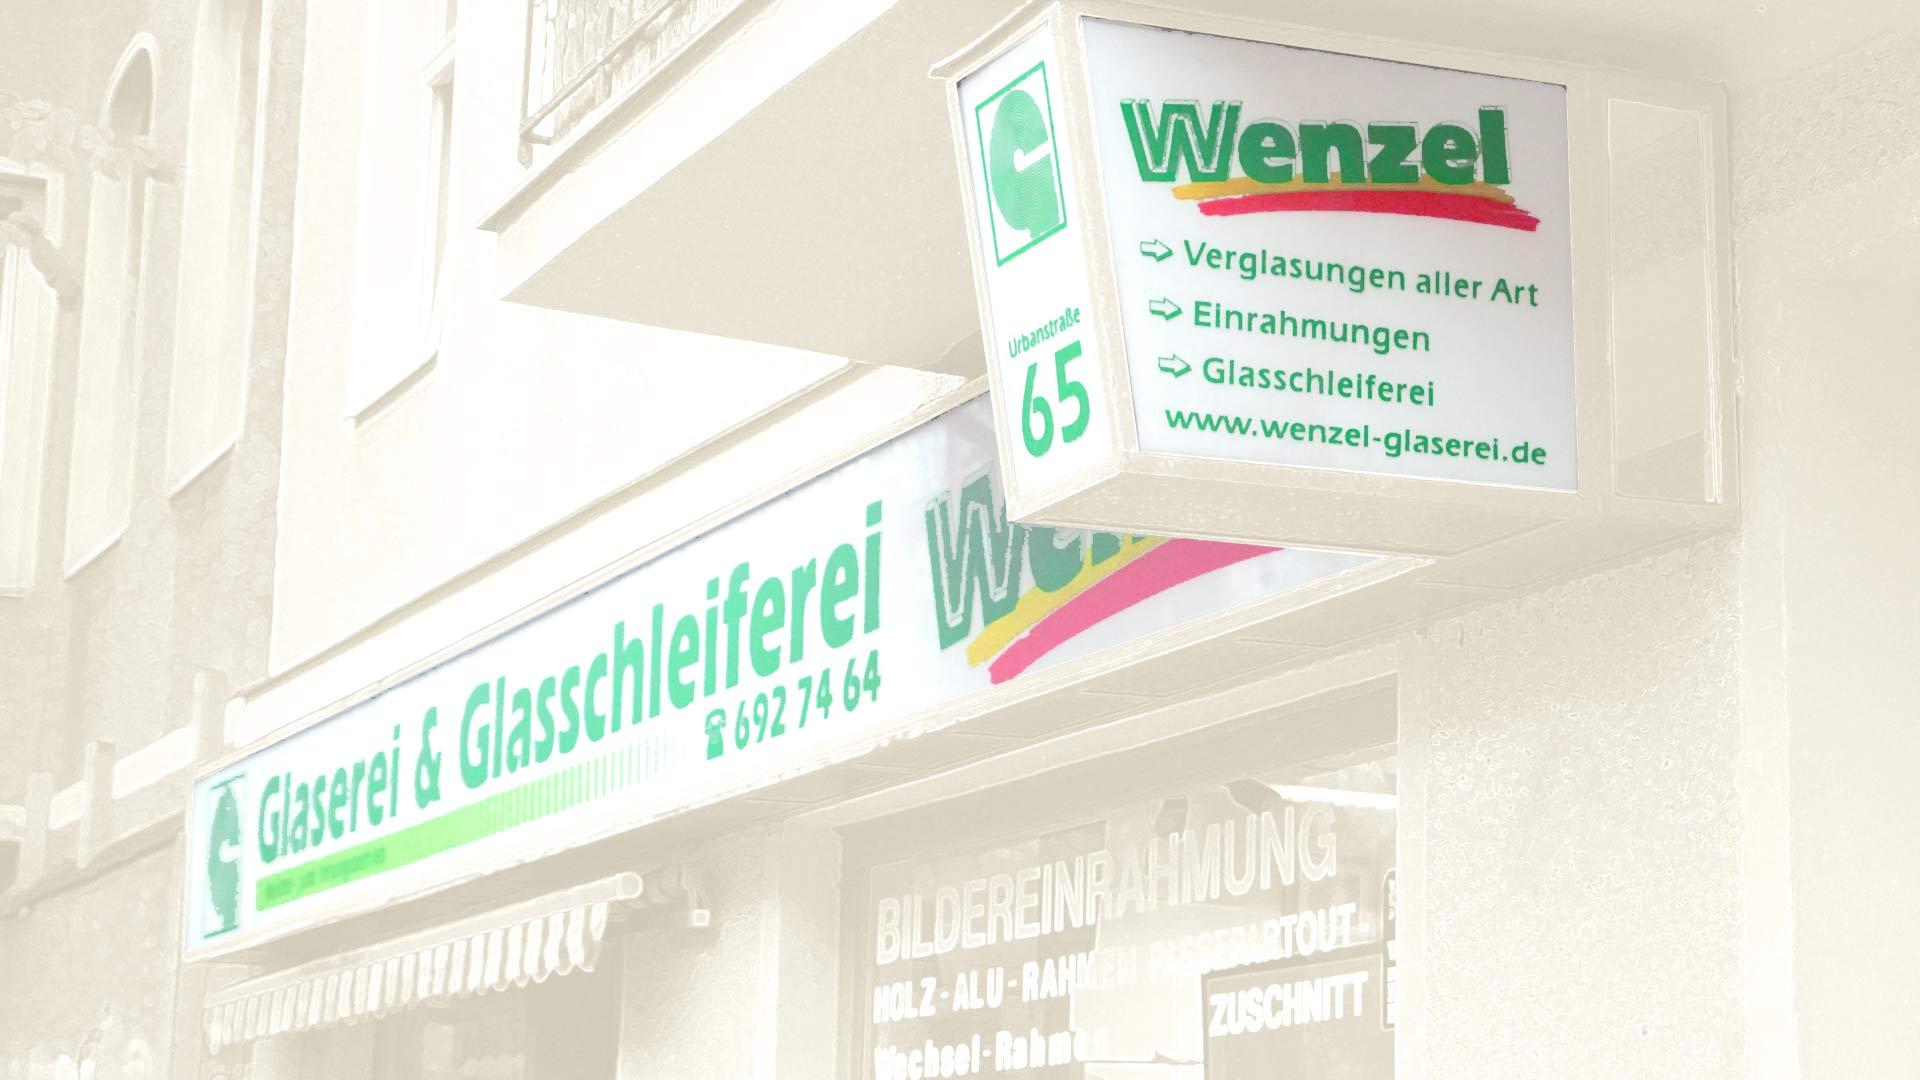 Erfahrung-Glaserei-Wenzel-Berlin-Slider